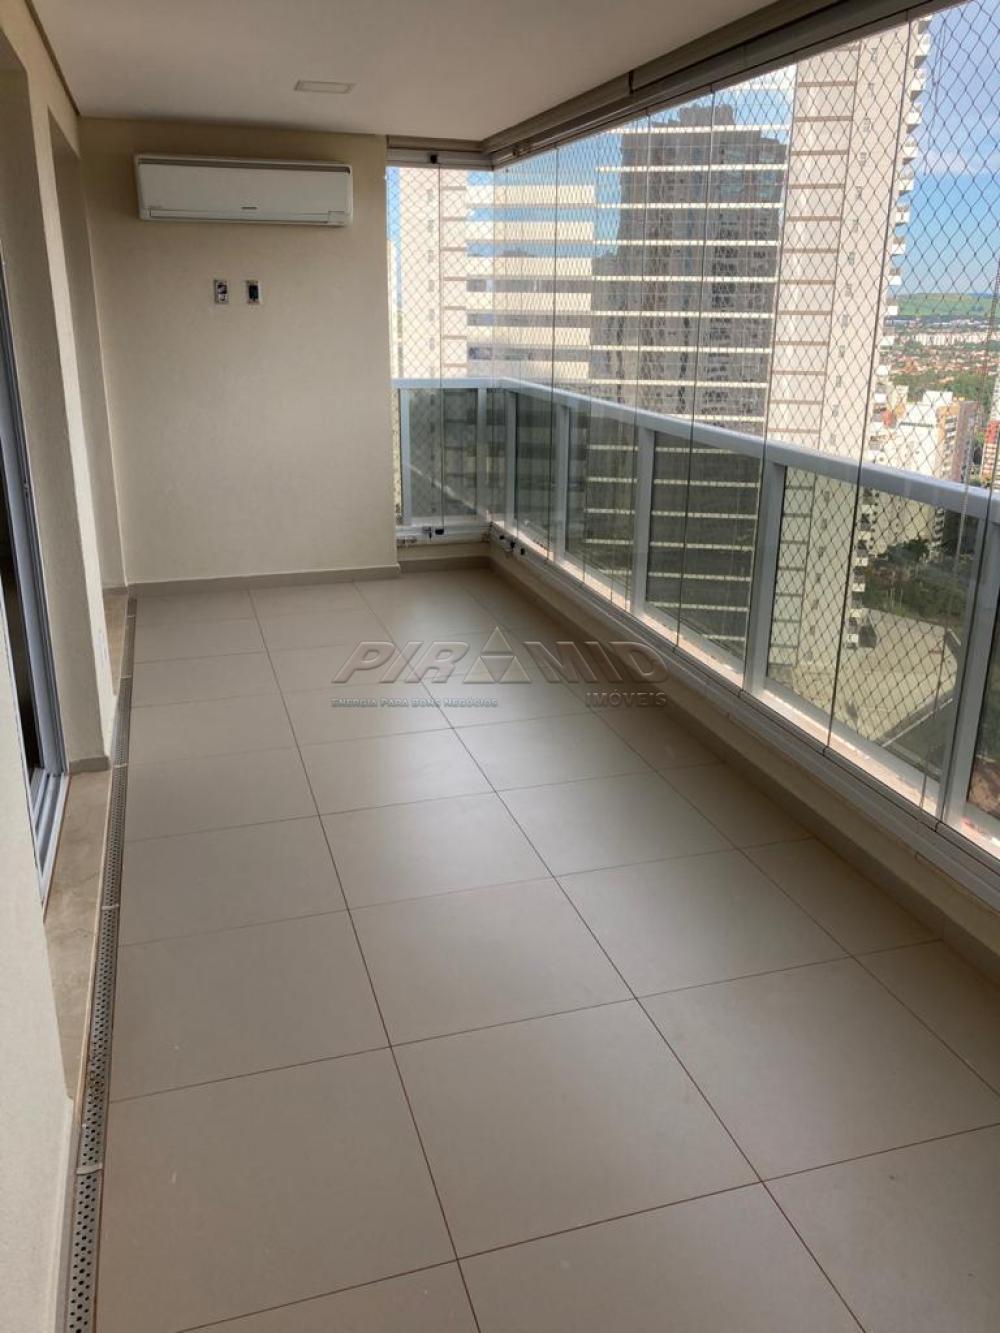 Comprar Apartamento / Padrão em Ribeirão Preto apenas R$ 800.000,00 - Foto 4